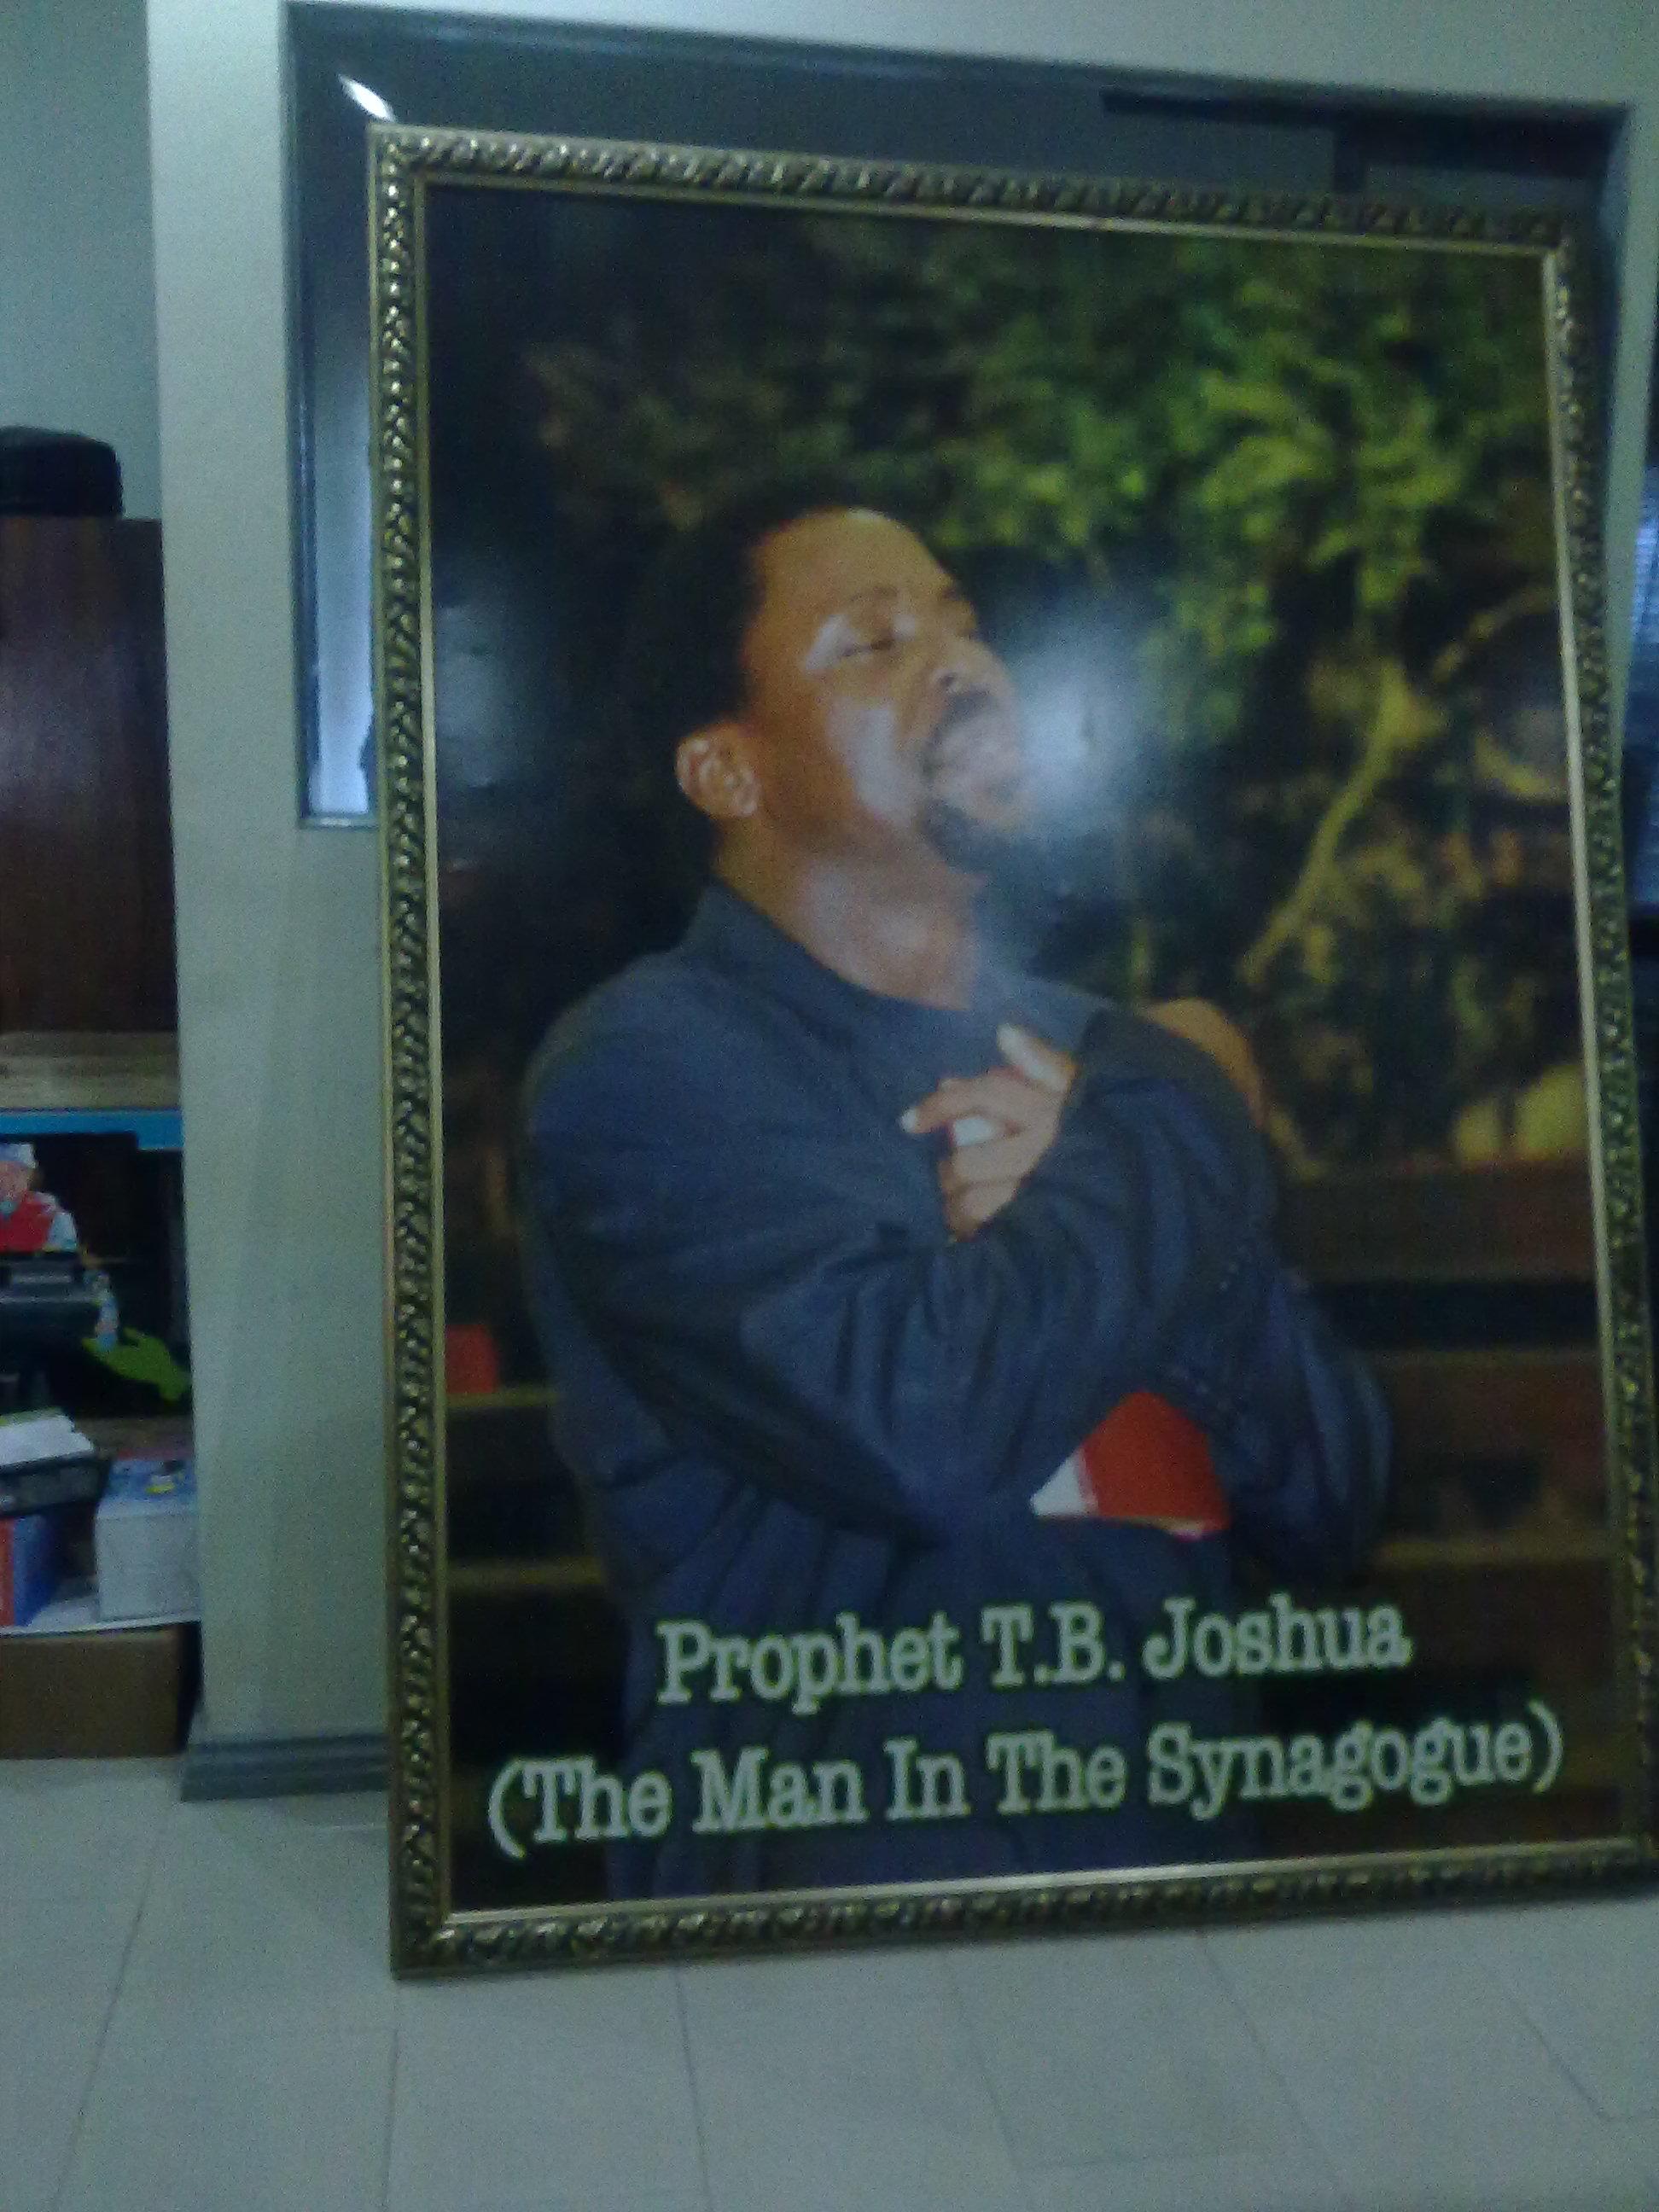 Comment rencontrer le prophete tb joshua